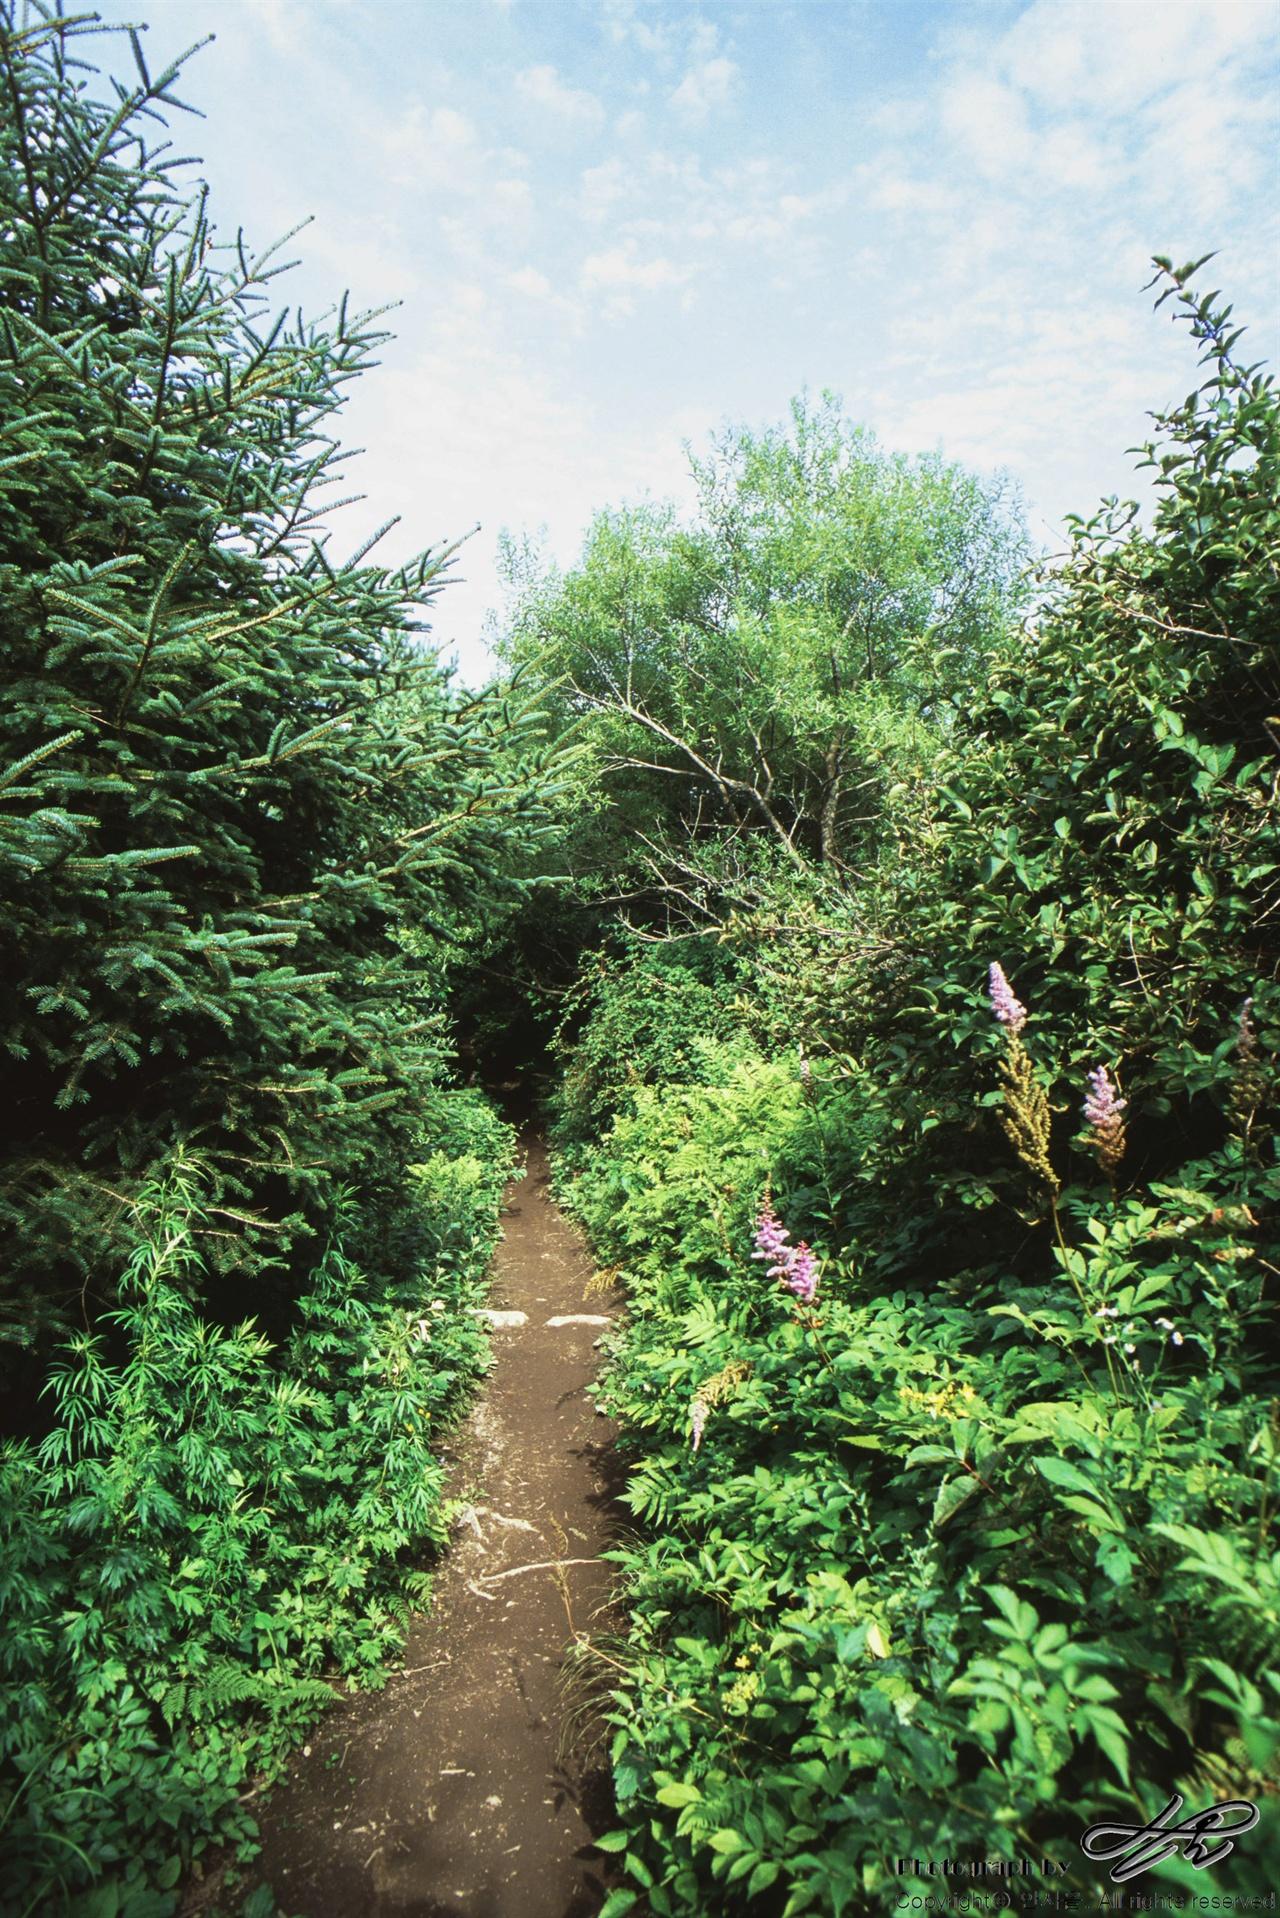 농장 숲길 (LX/CT100)농장의 이곳 저곳으로 연결되어있는 산책로. 총 연장 길이는 약 1시간 정도의 코스라고 한다.